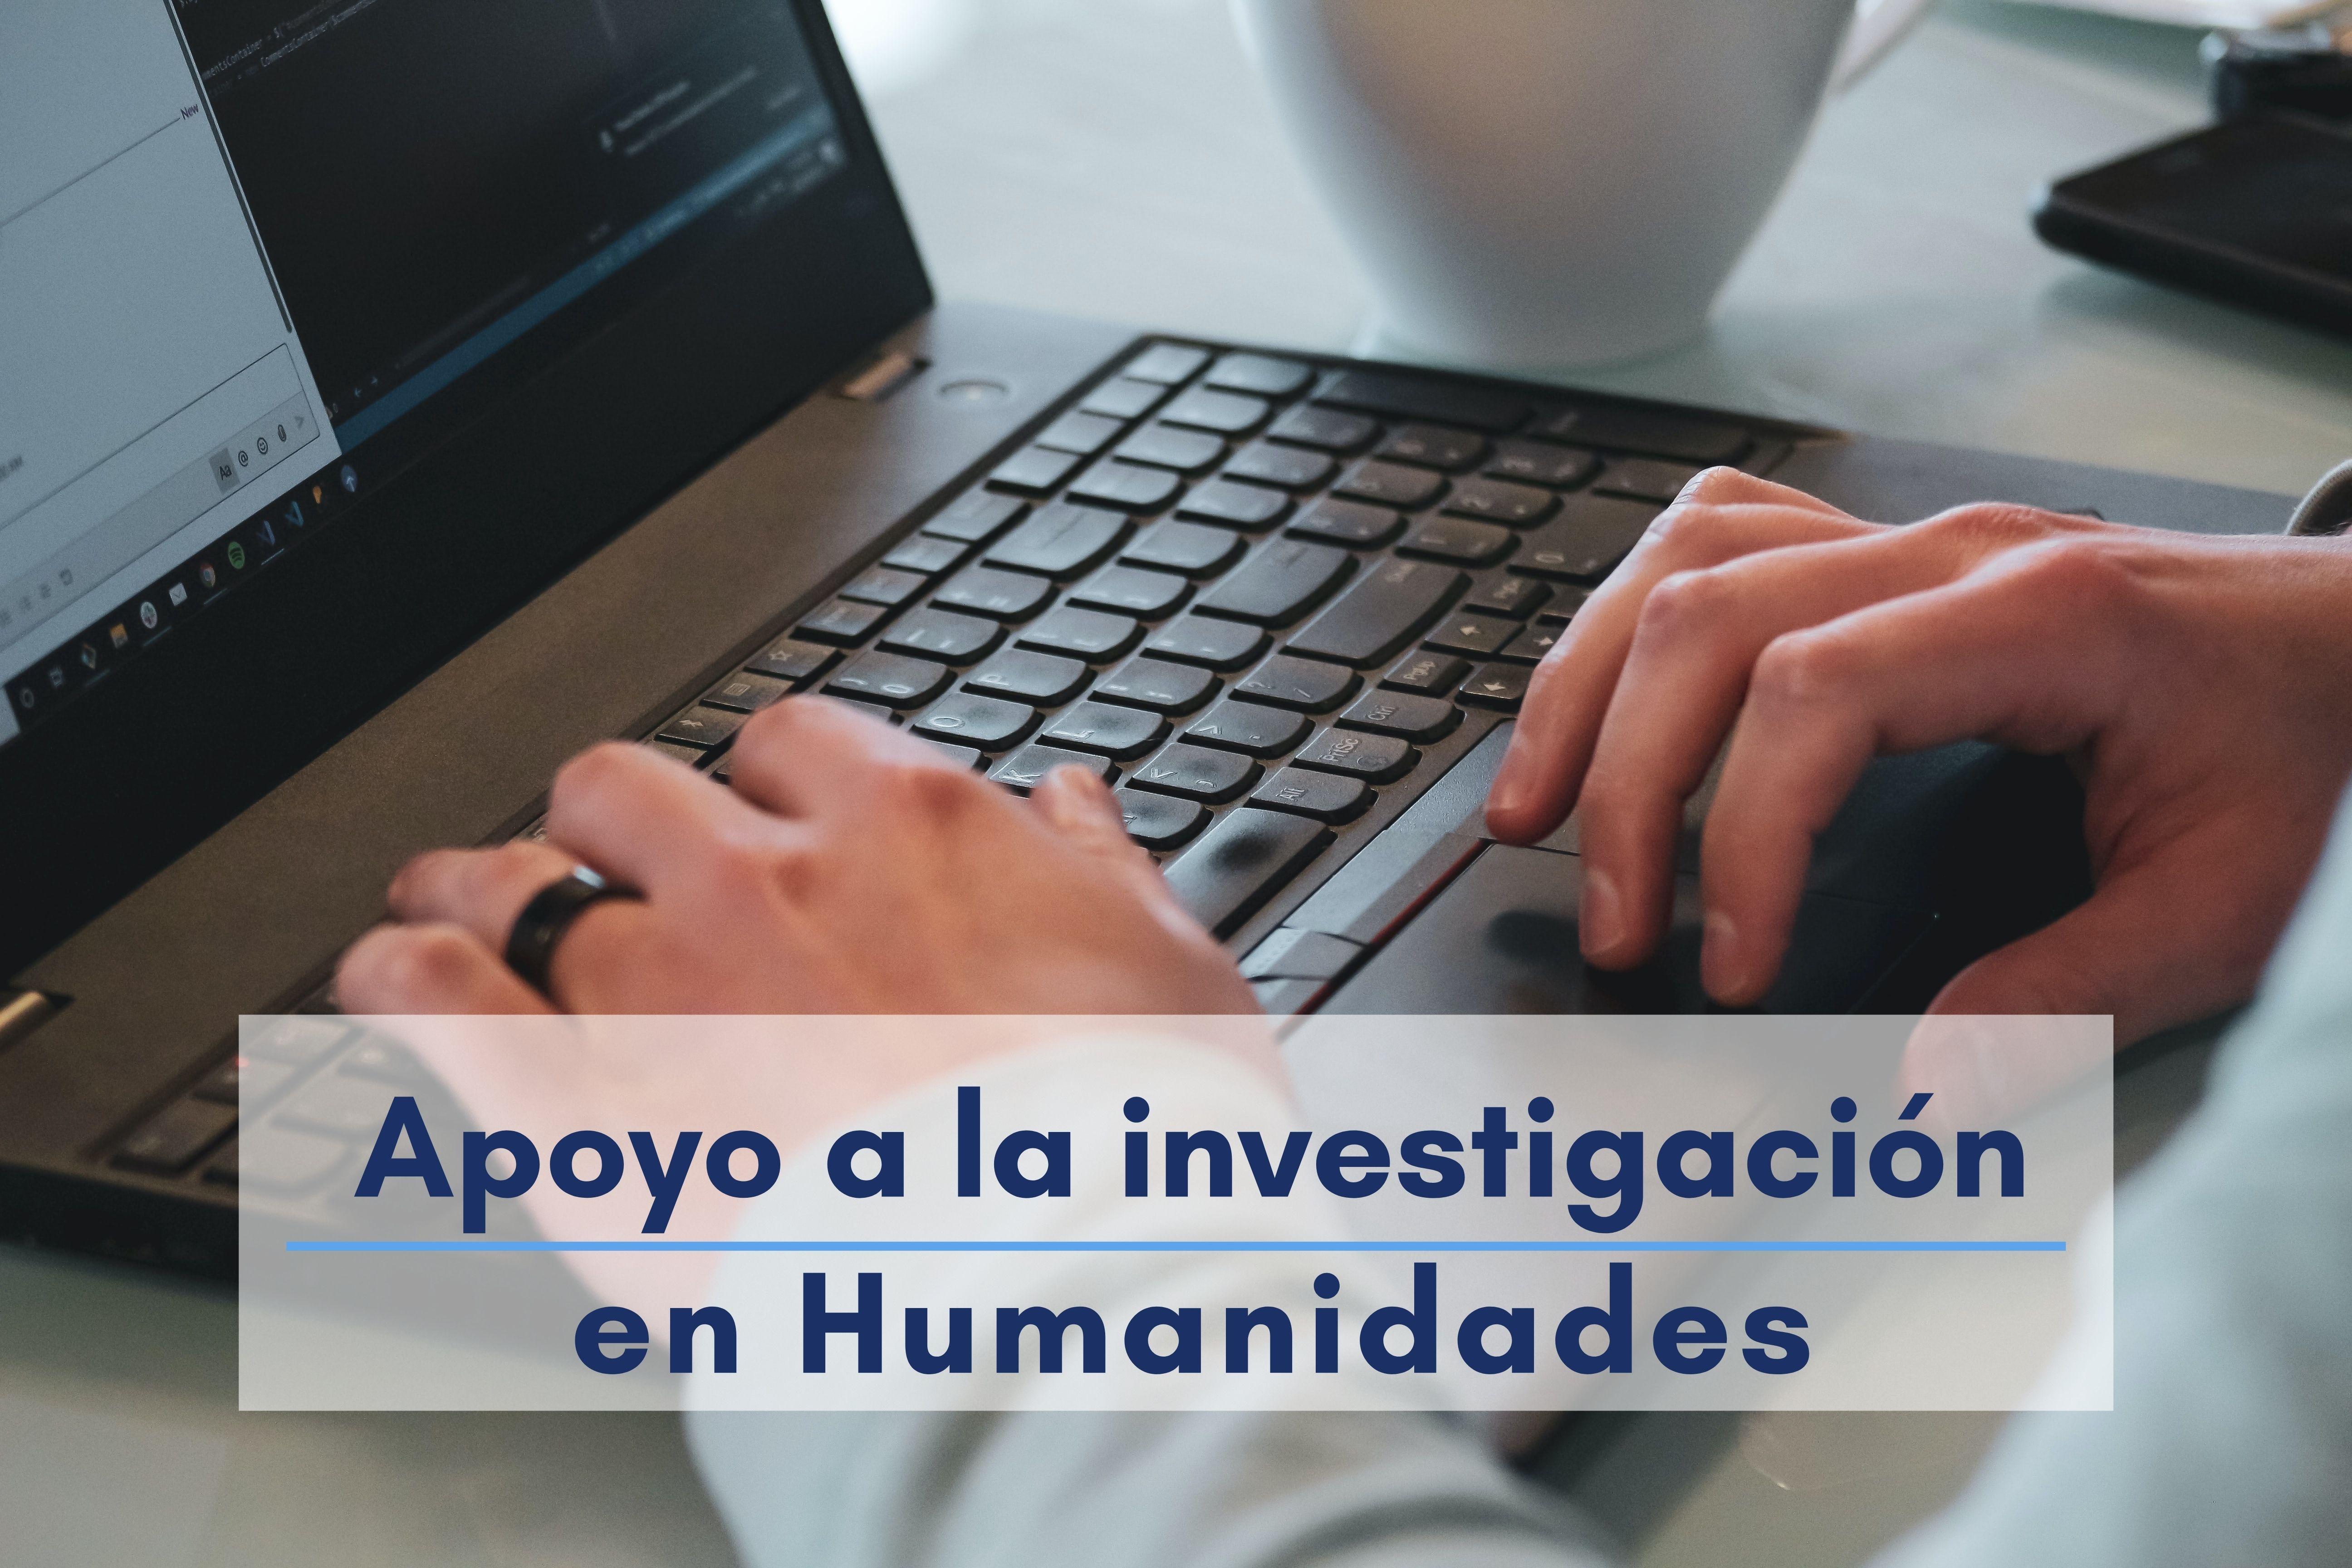 Apoyo a la investigación en Humanidades 2. Indicios de calidad de las publicaciones